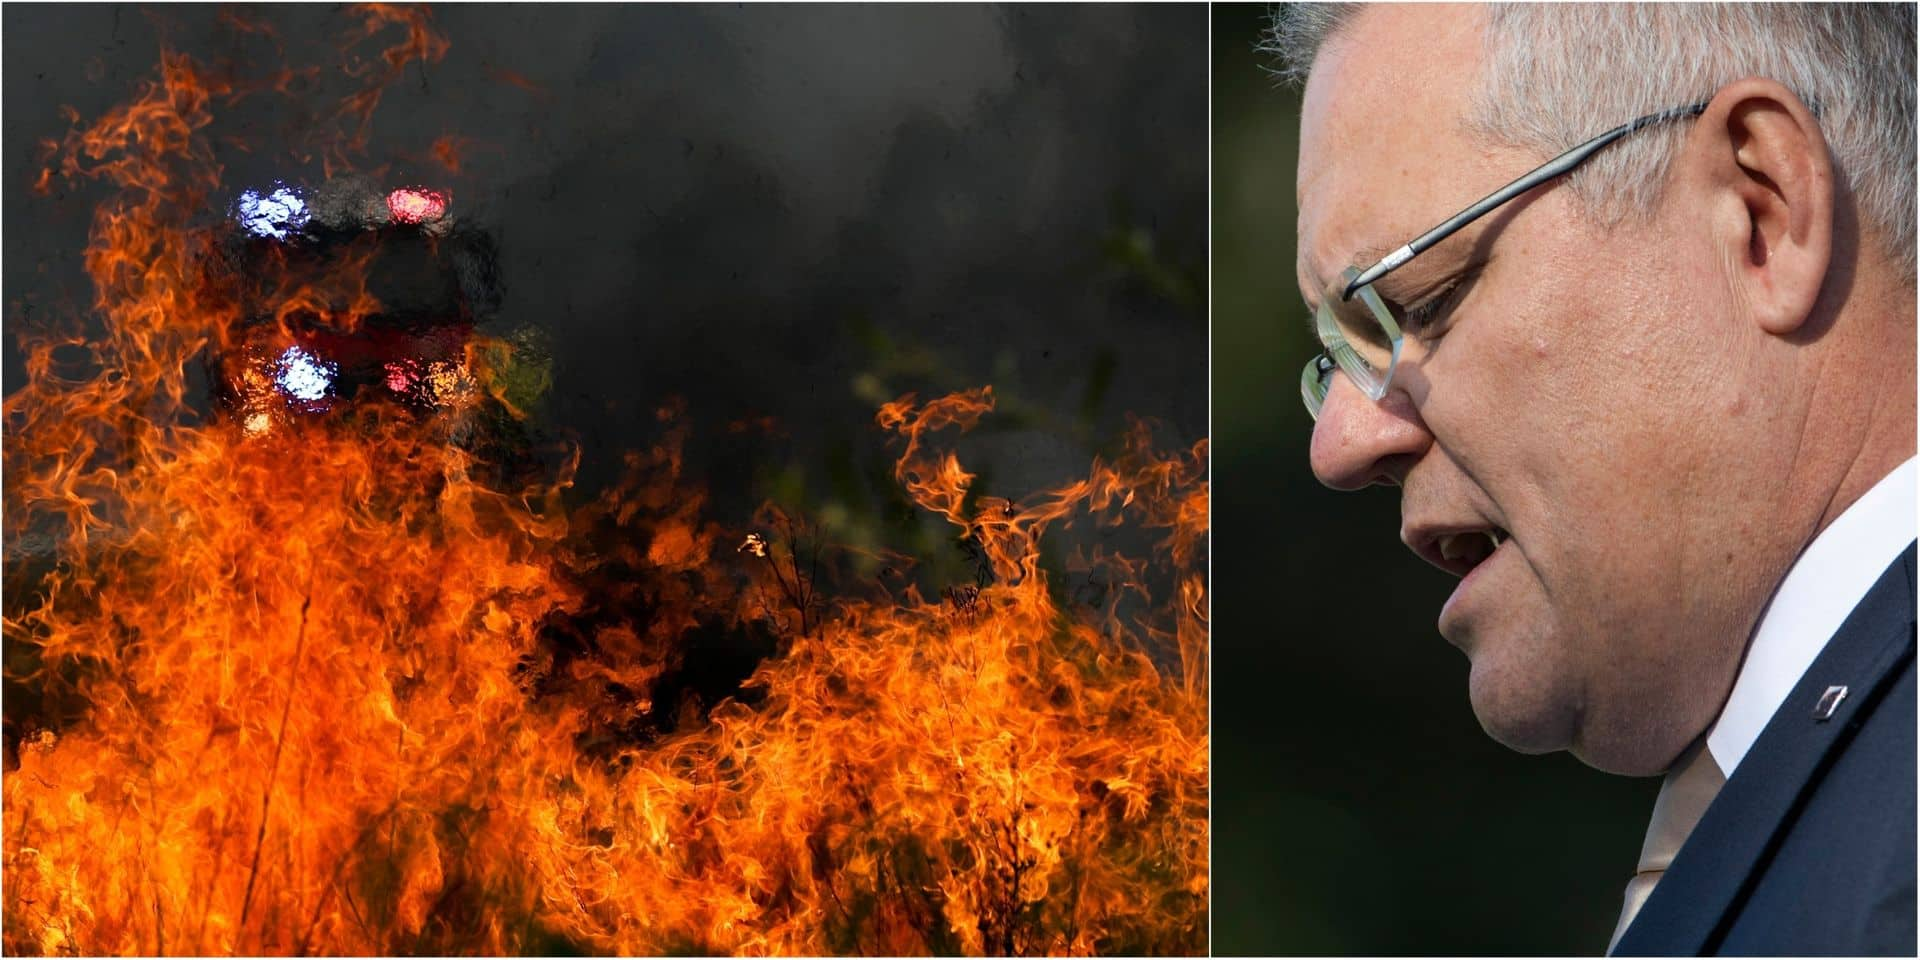 Incendies en Australie : pourquoi Scott Morrison, le Premier ministre est sous le feu des critiques